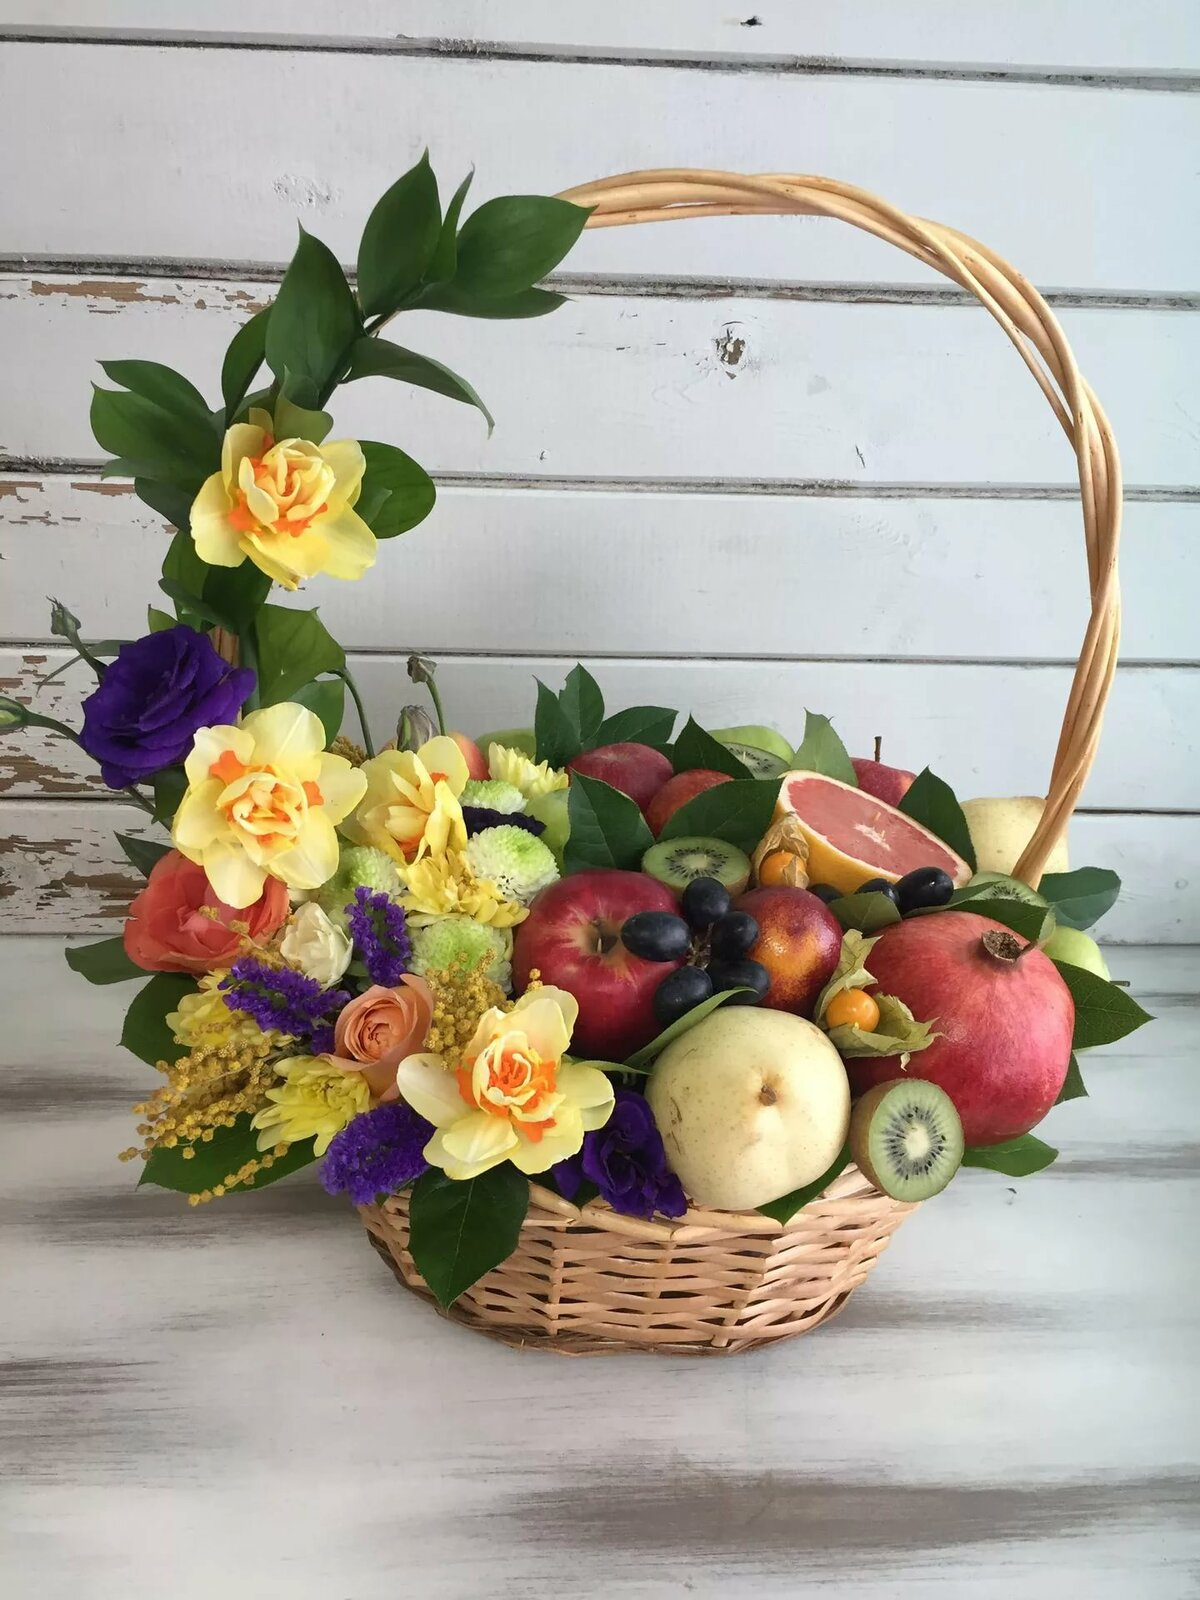 корзина с ягодами и цветами фото отвечу